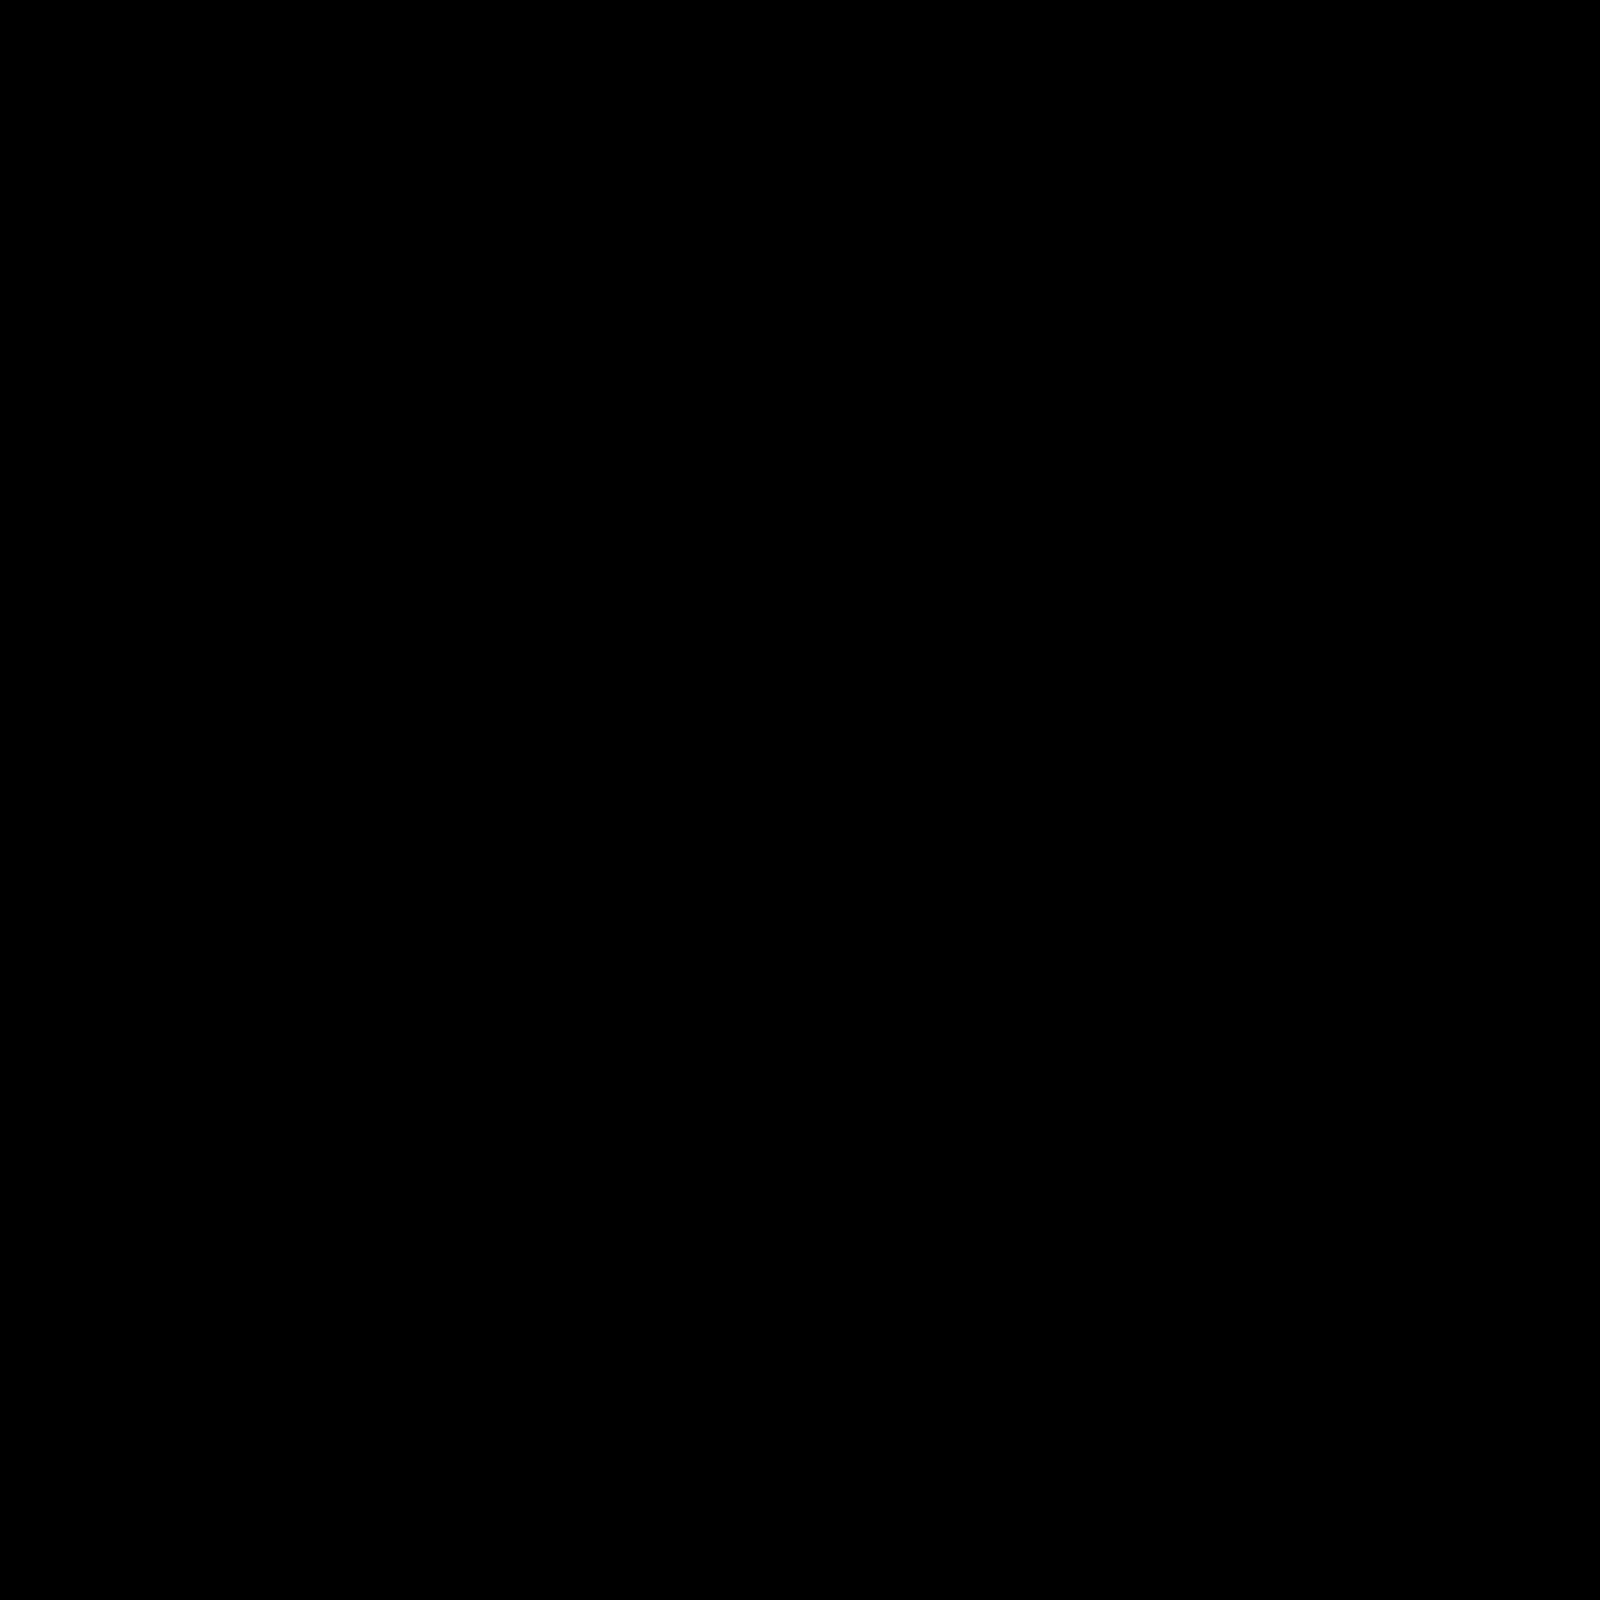 圣诞树 icon. A Christmas tree symbol is a tree that is shown with three triangles with different size, but the bottom two triangles will not have the pointy tip. The bottom of the tree will have the biggest base compared to the top. The most important part of the Christmas Tree symbol is the star right on top of the tree.